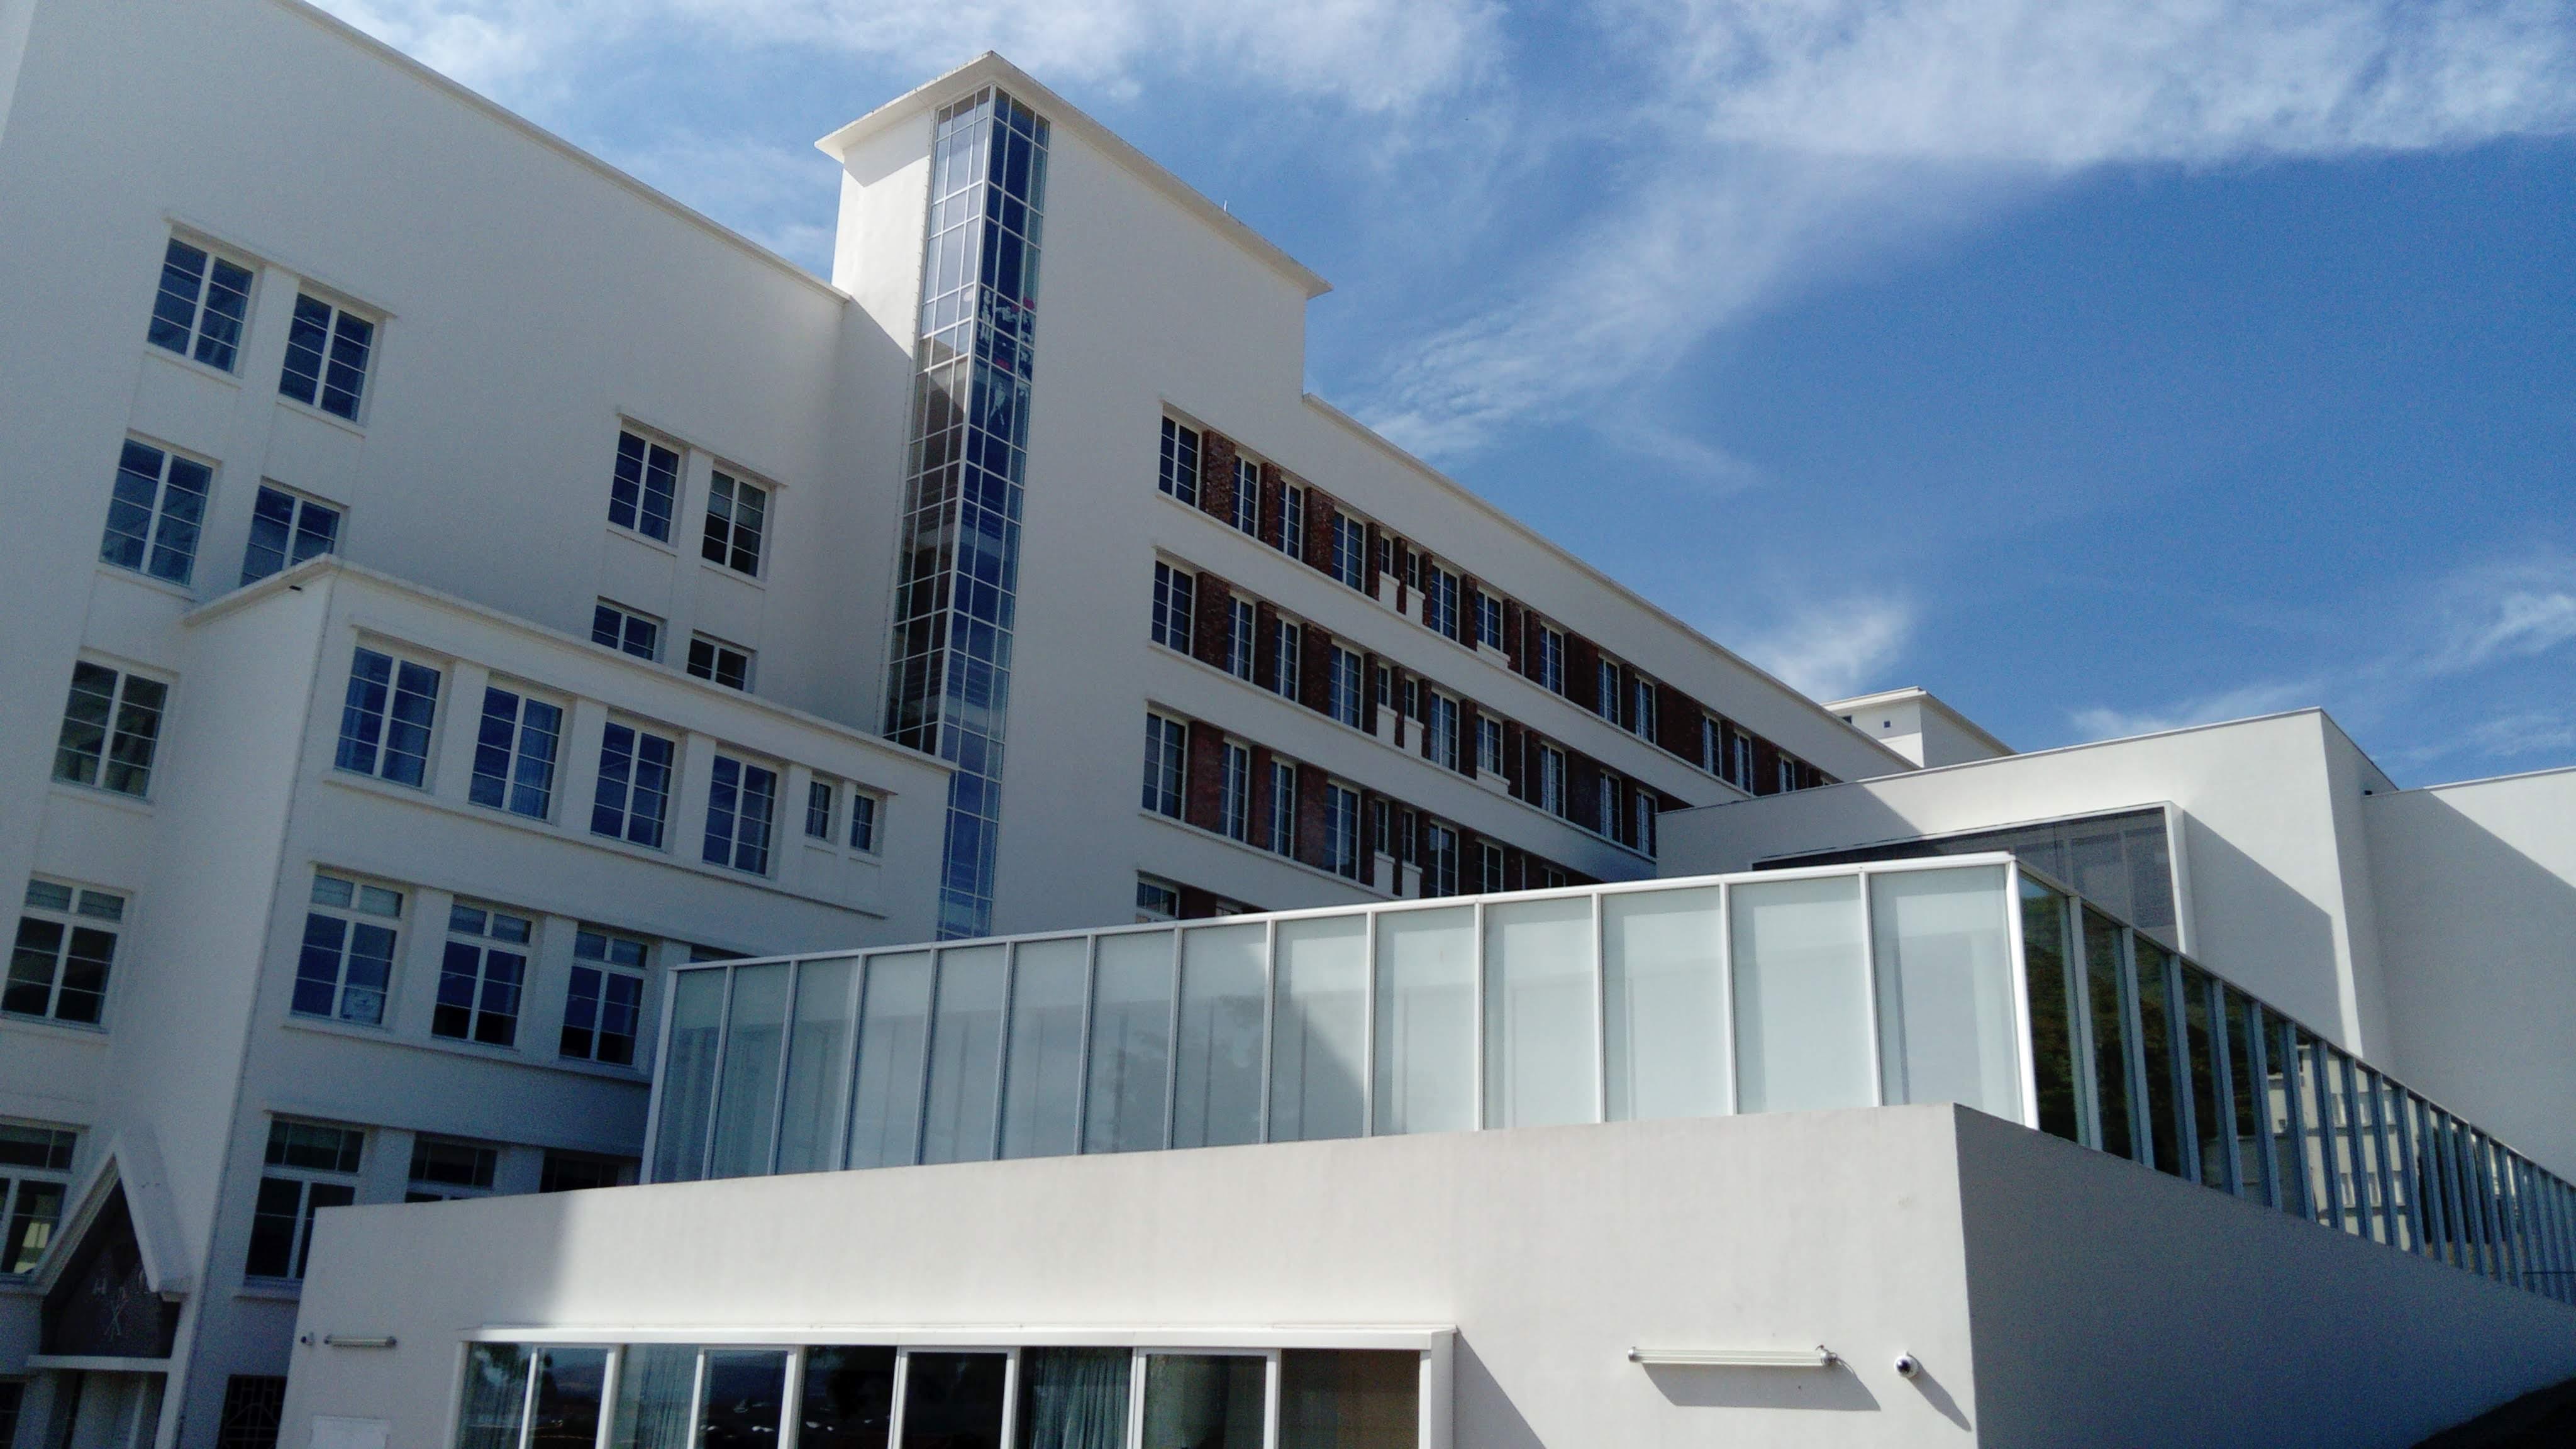 École D Architecture Clermont file:ecole nationale supérieure d'architecture de clermont